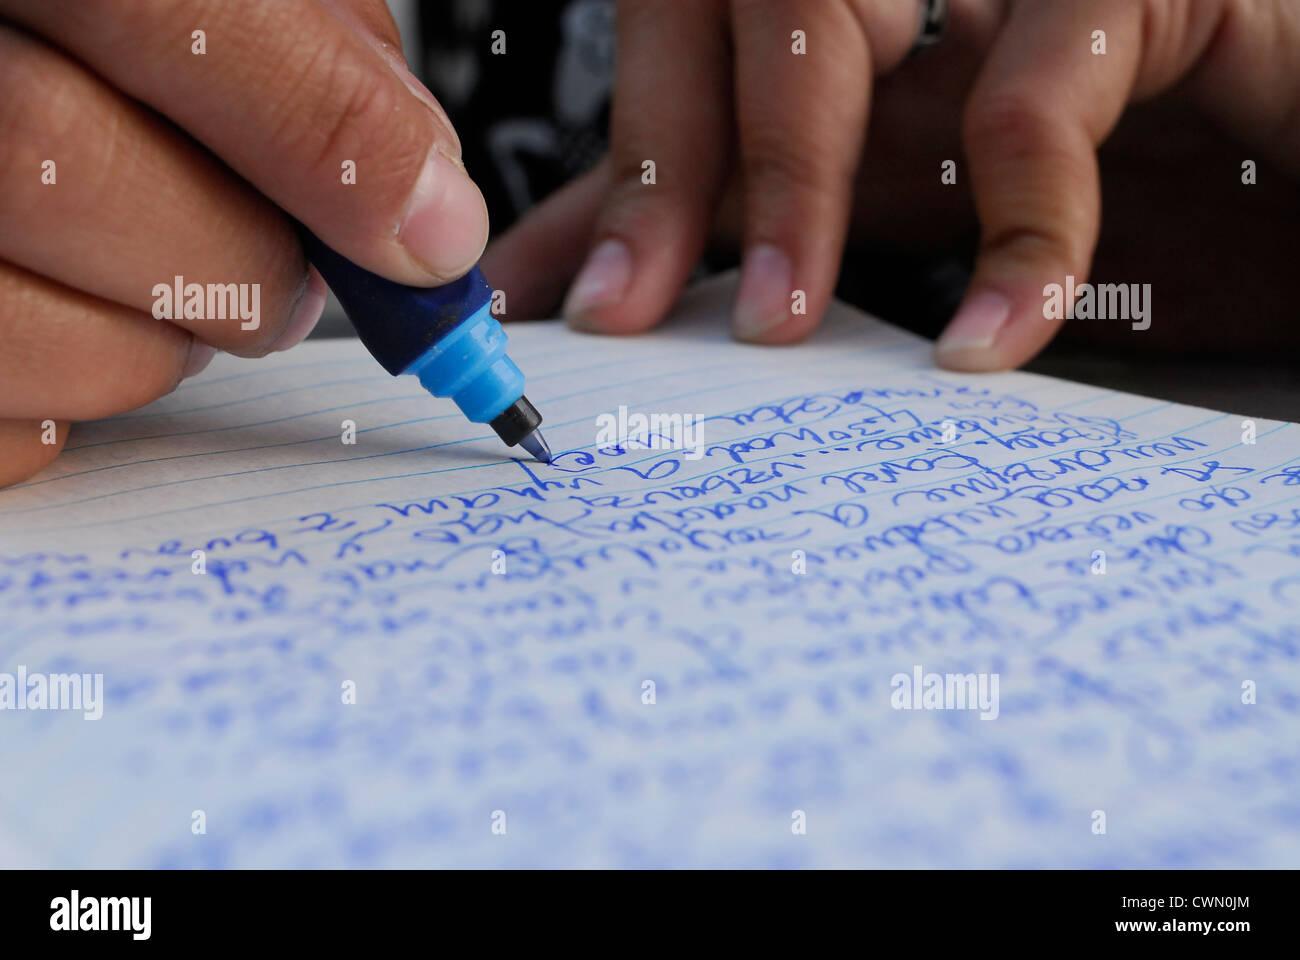 Scrittura a mano Immagini Stock